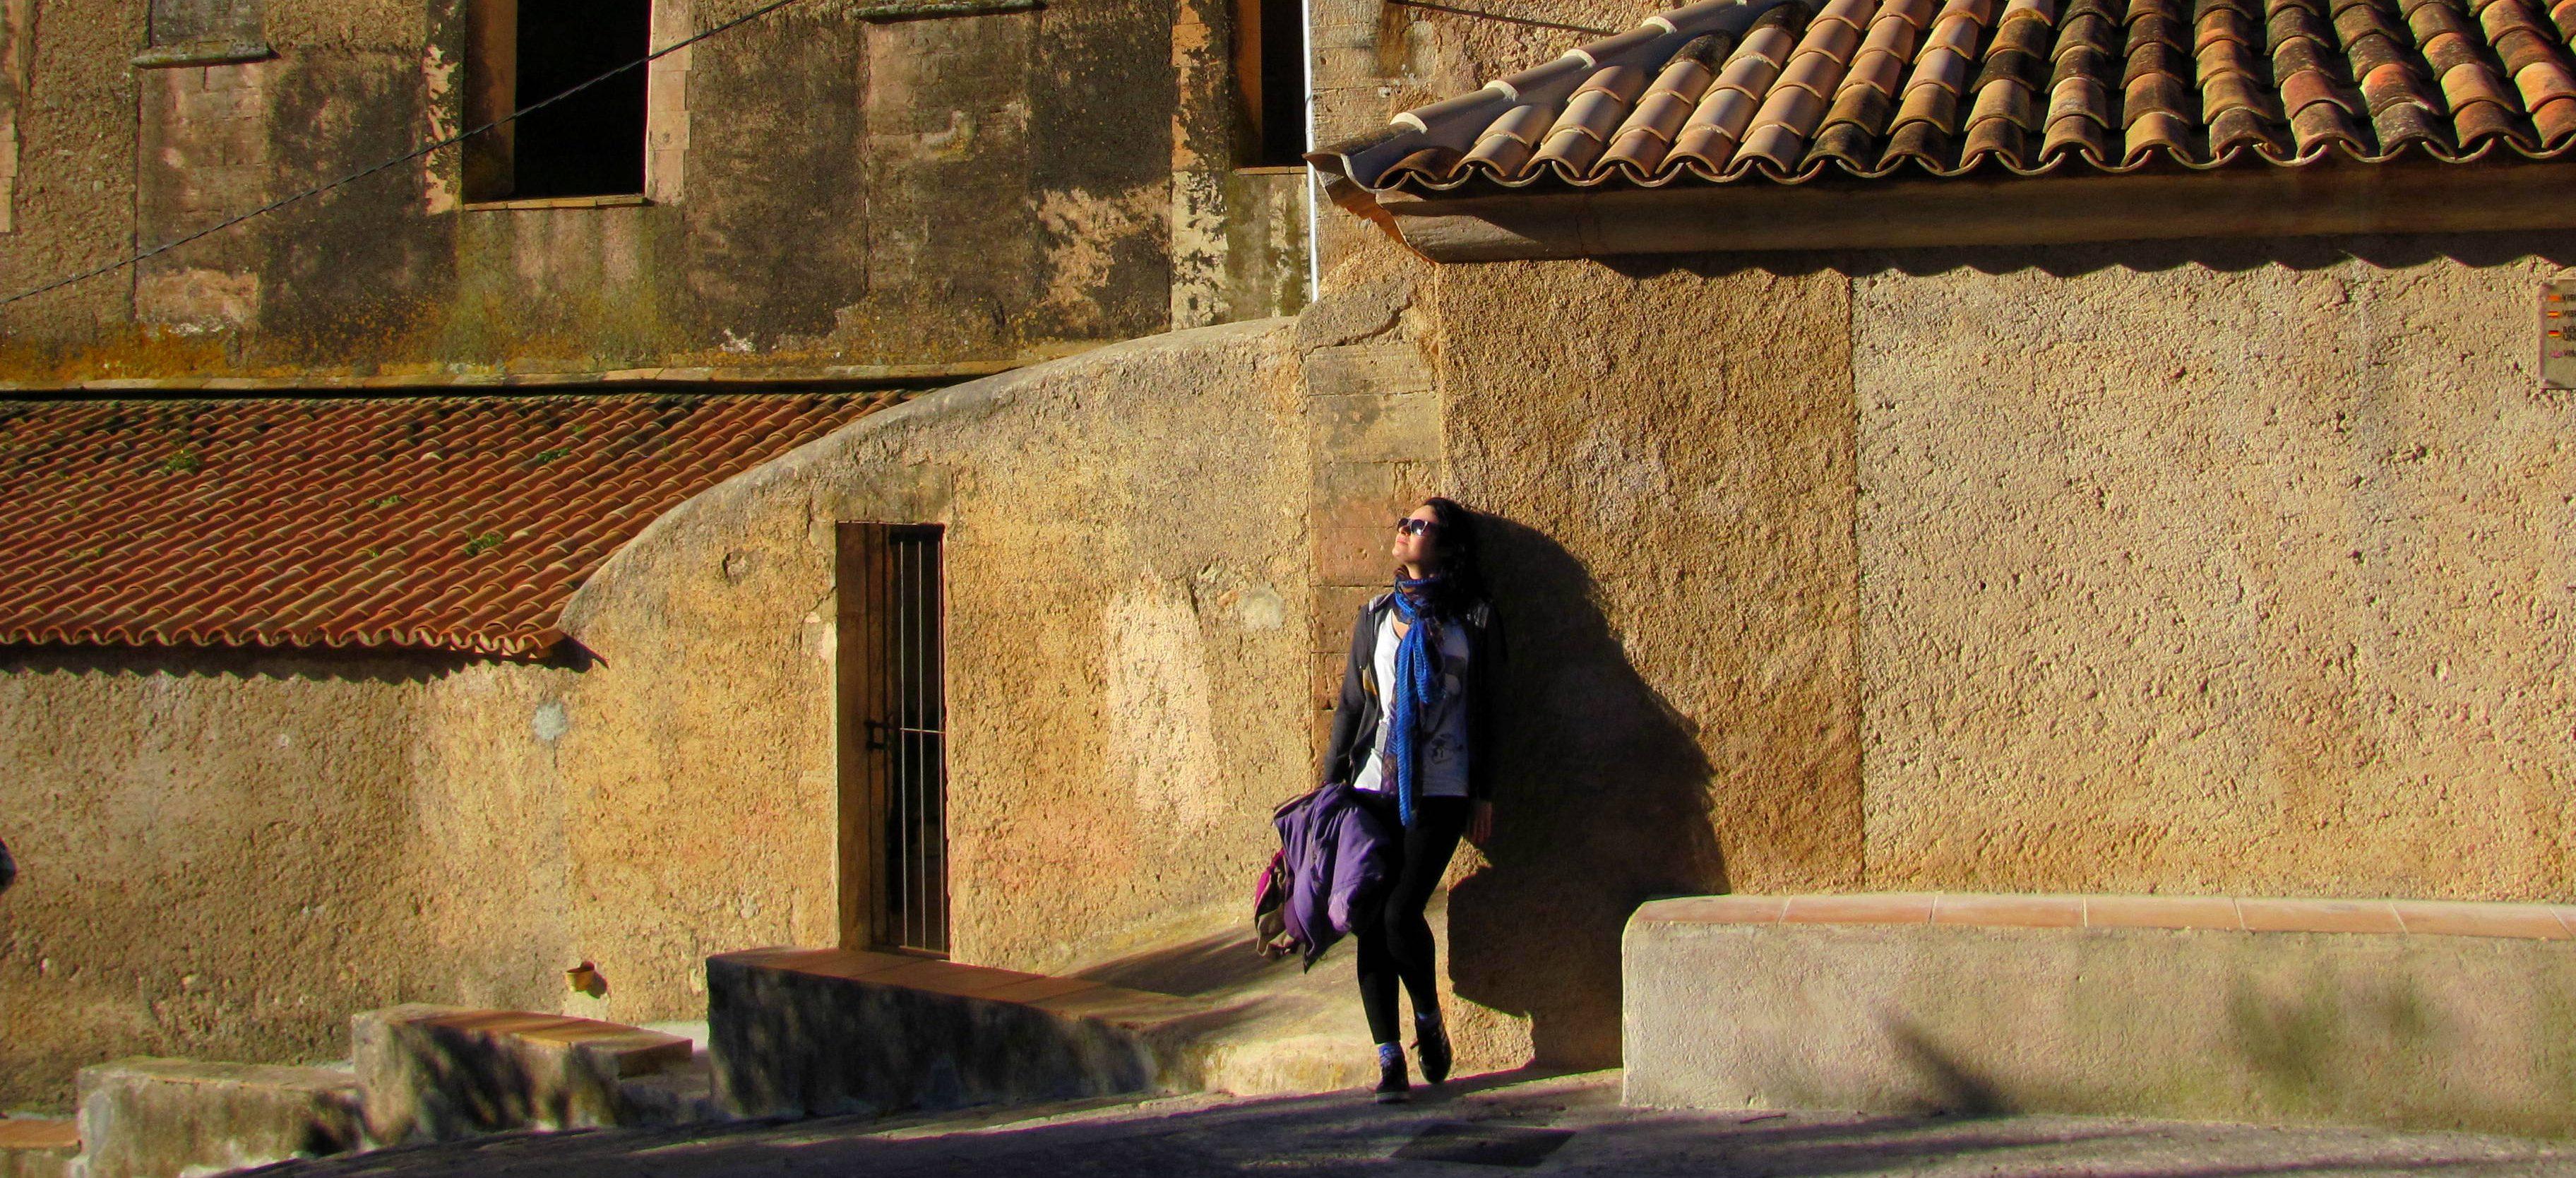 Sa Calobra, Węzeł Krawata,Cap de Formentor,Alcúdia iArtà | Majorka.